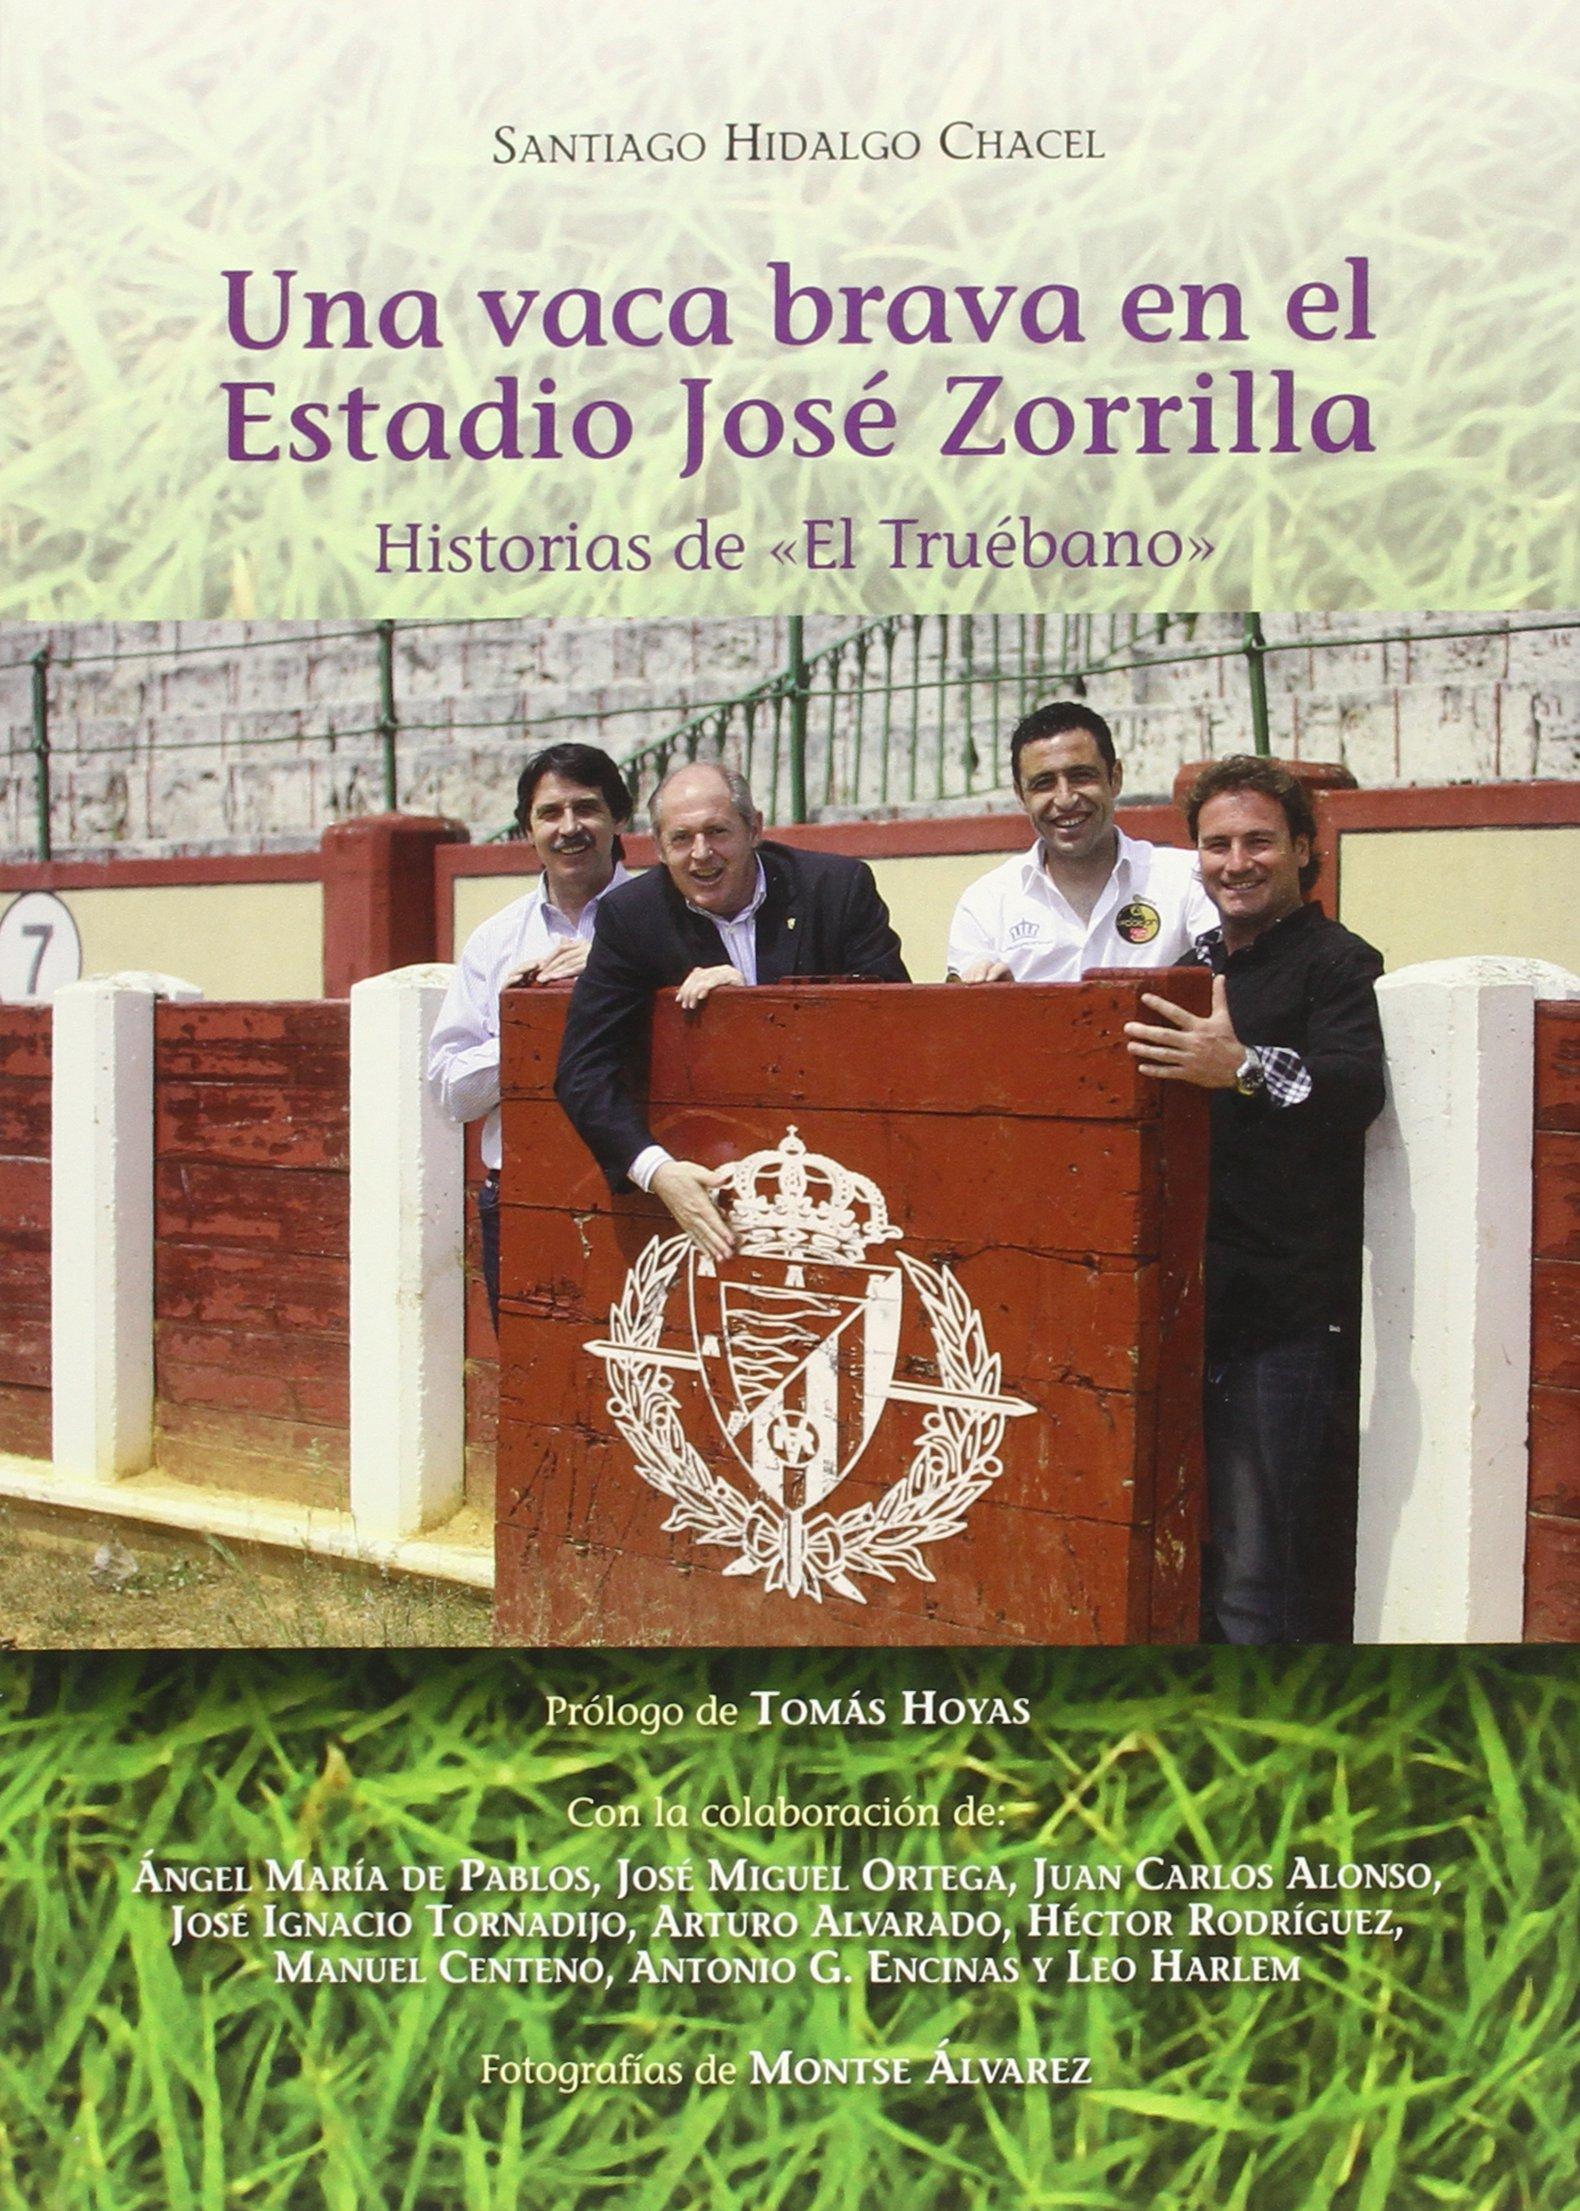 """Una vaca brava en el Estadio, José Zorrilla. Historias de """"El Truébano"""" (Paranimphus)"""